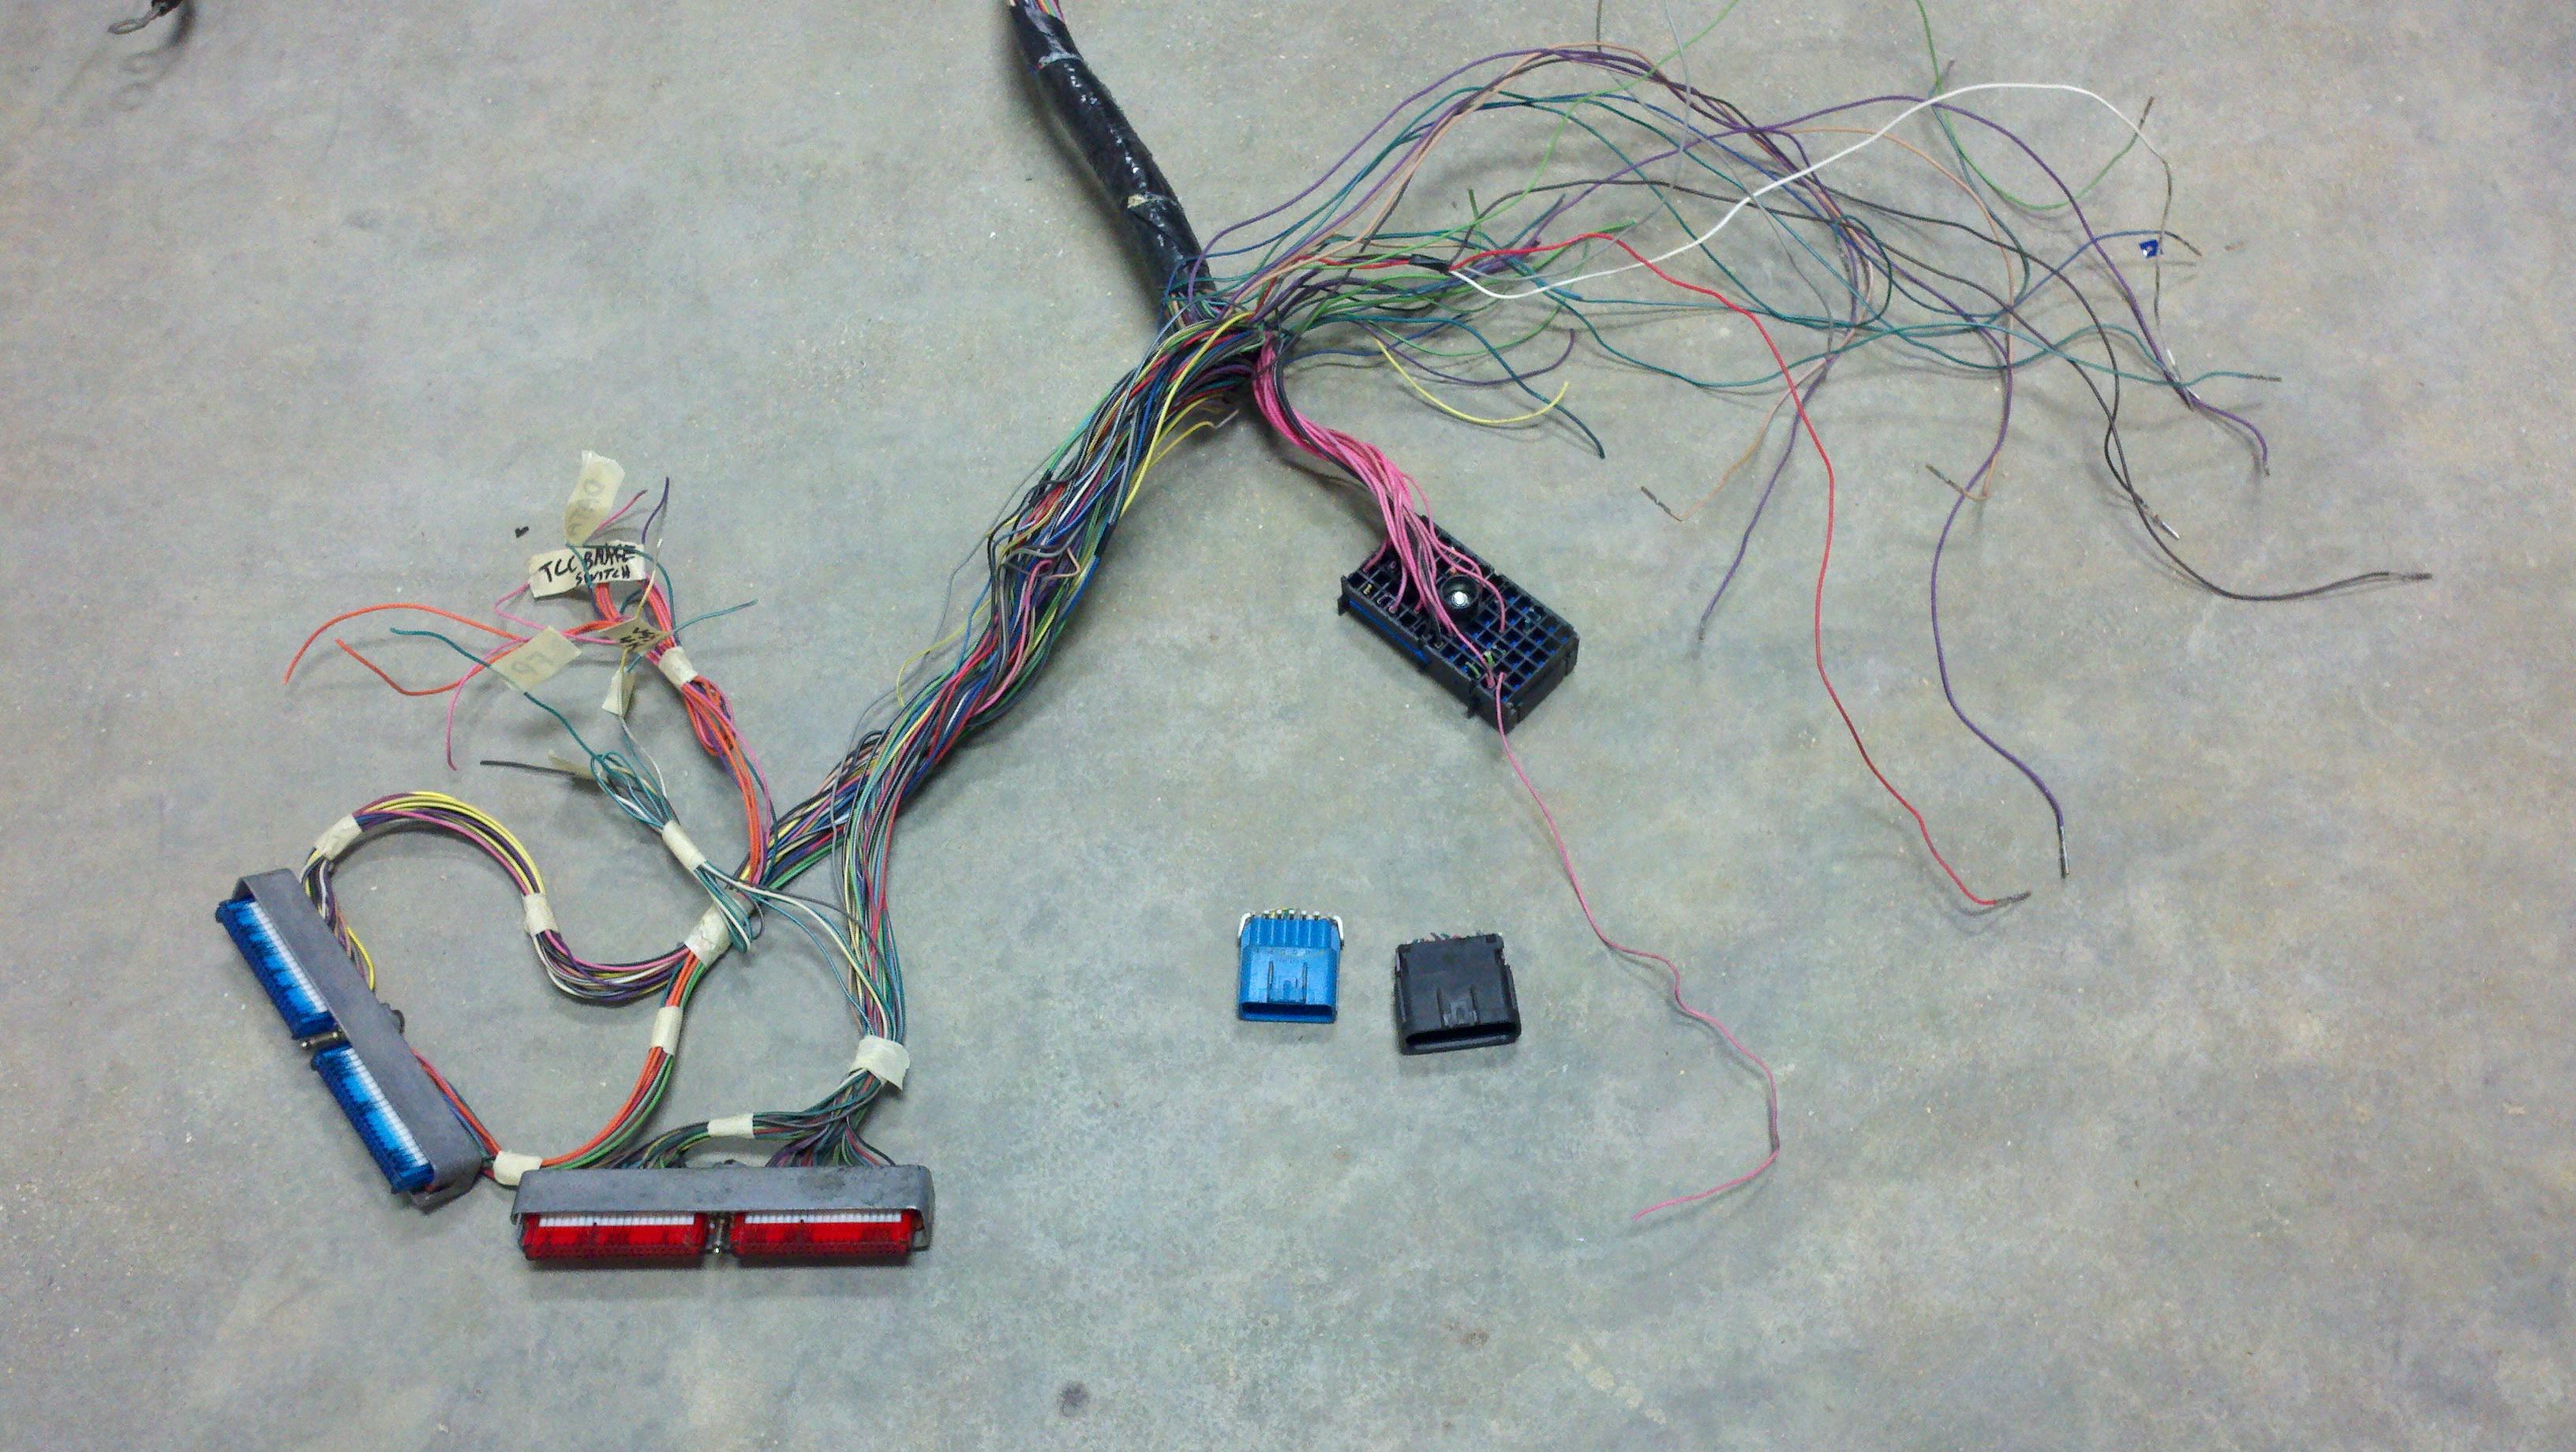 Vortec 4.8/5.3/6.0 Wiring Harness Info